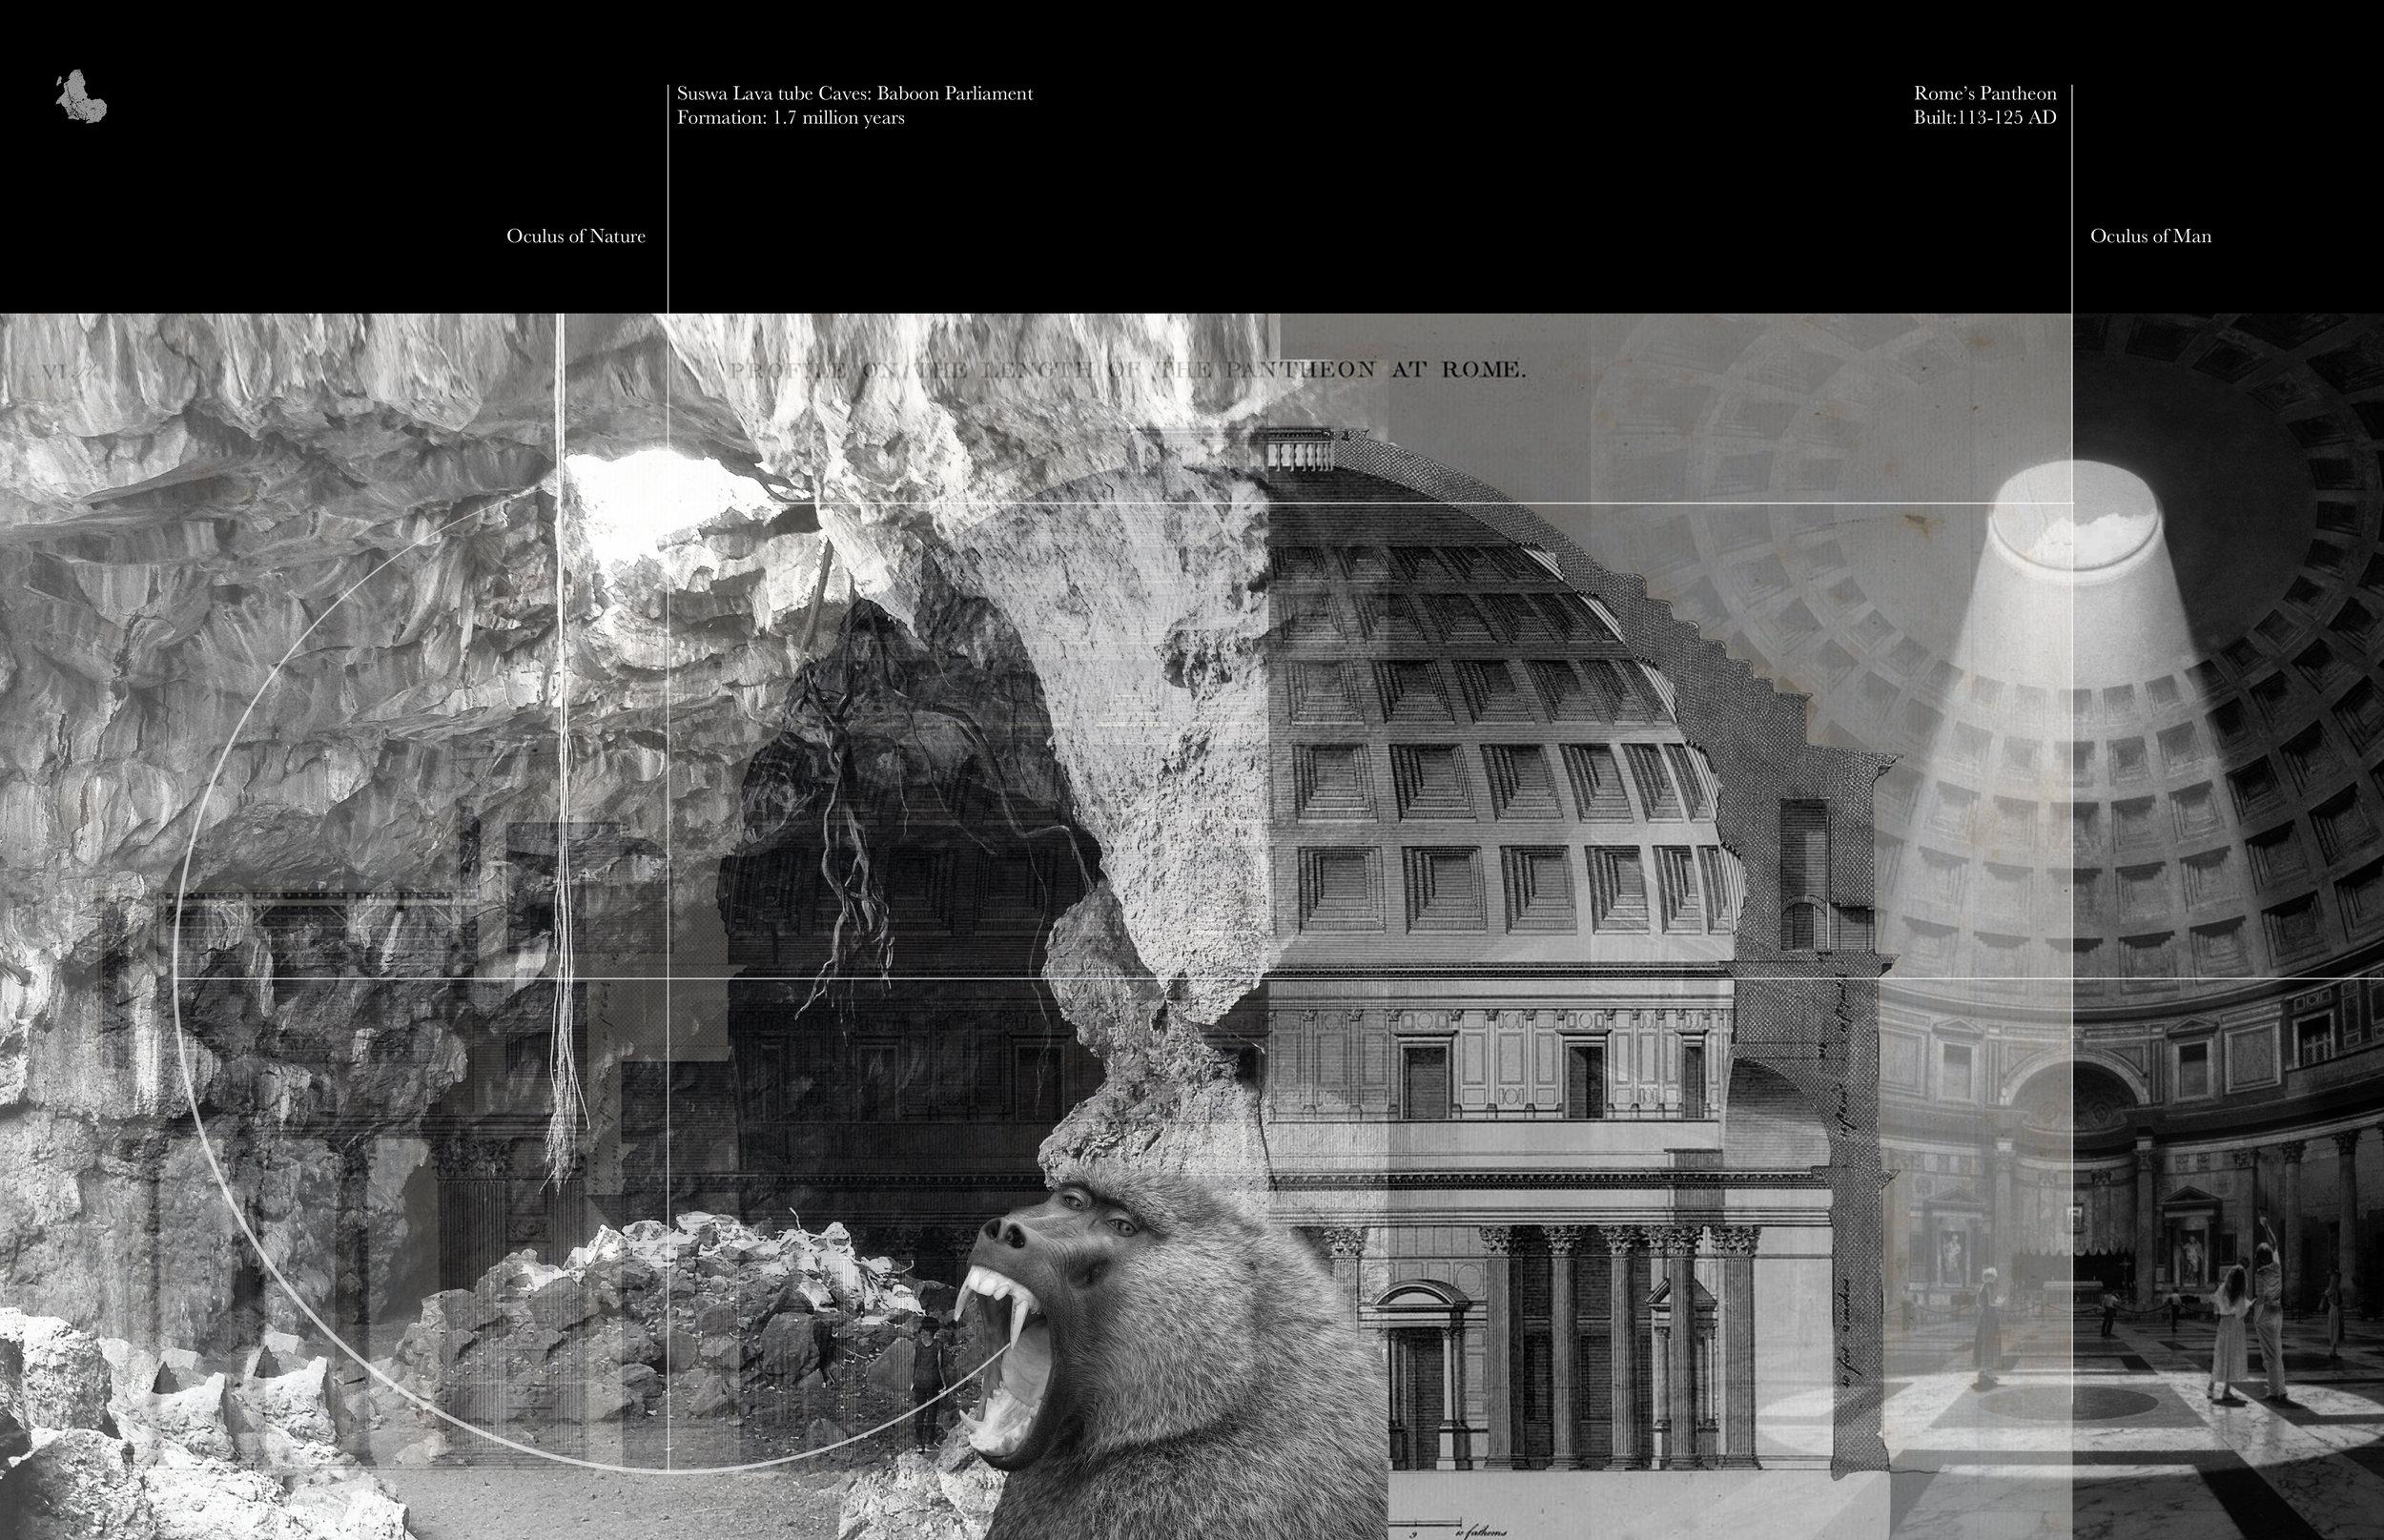 190501_Baboon Parliament Oculus.jpg